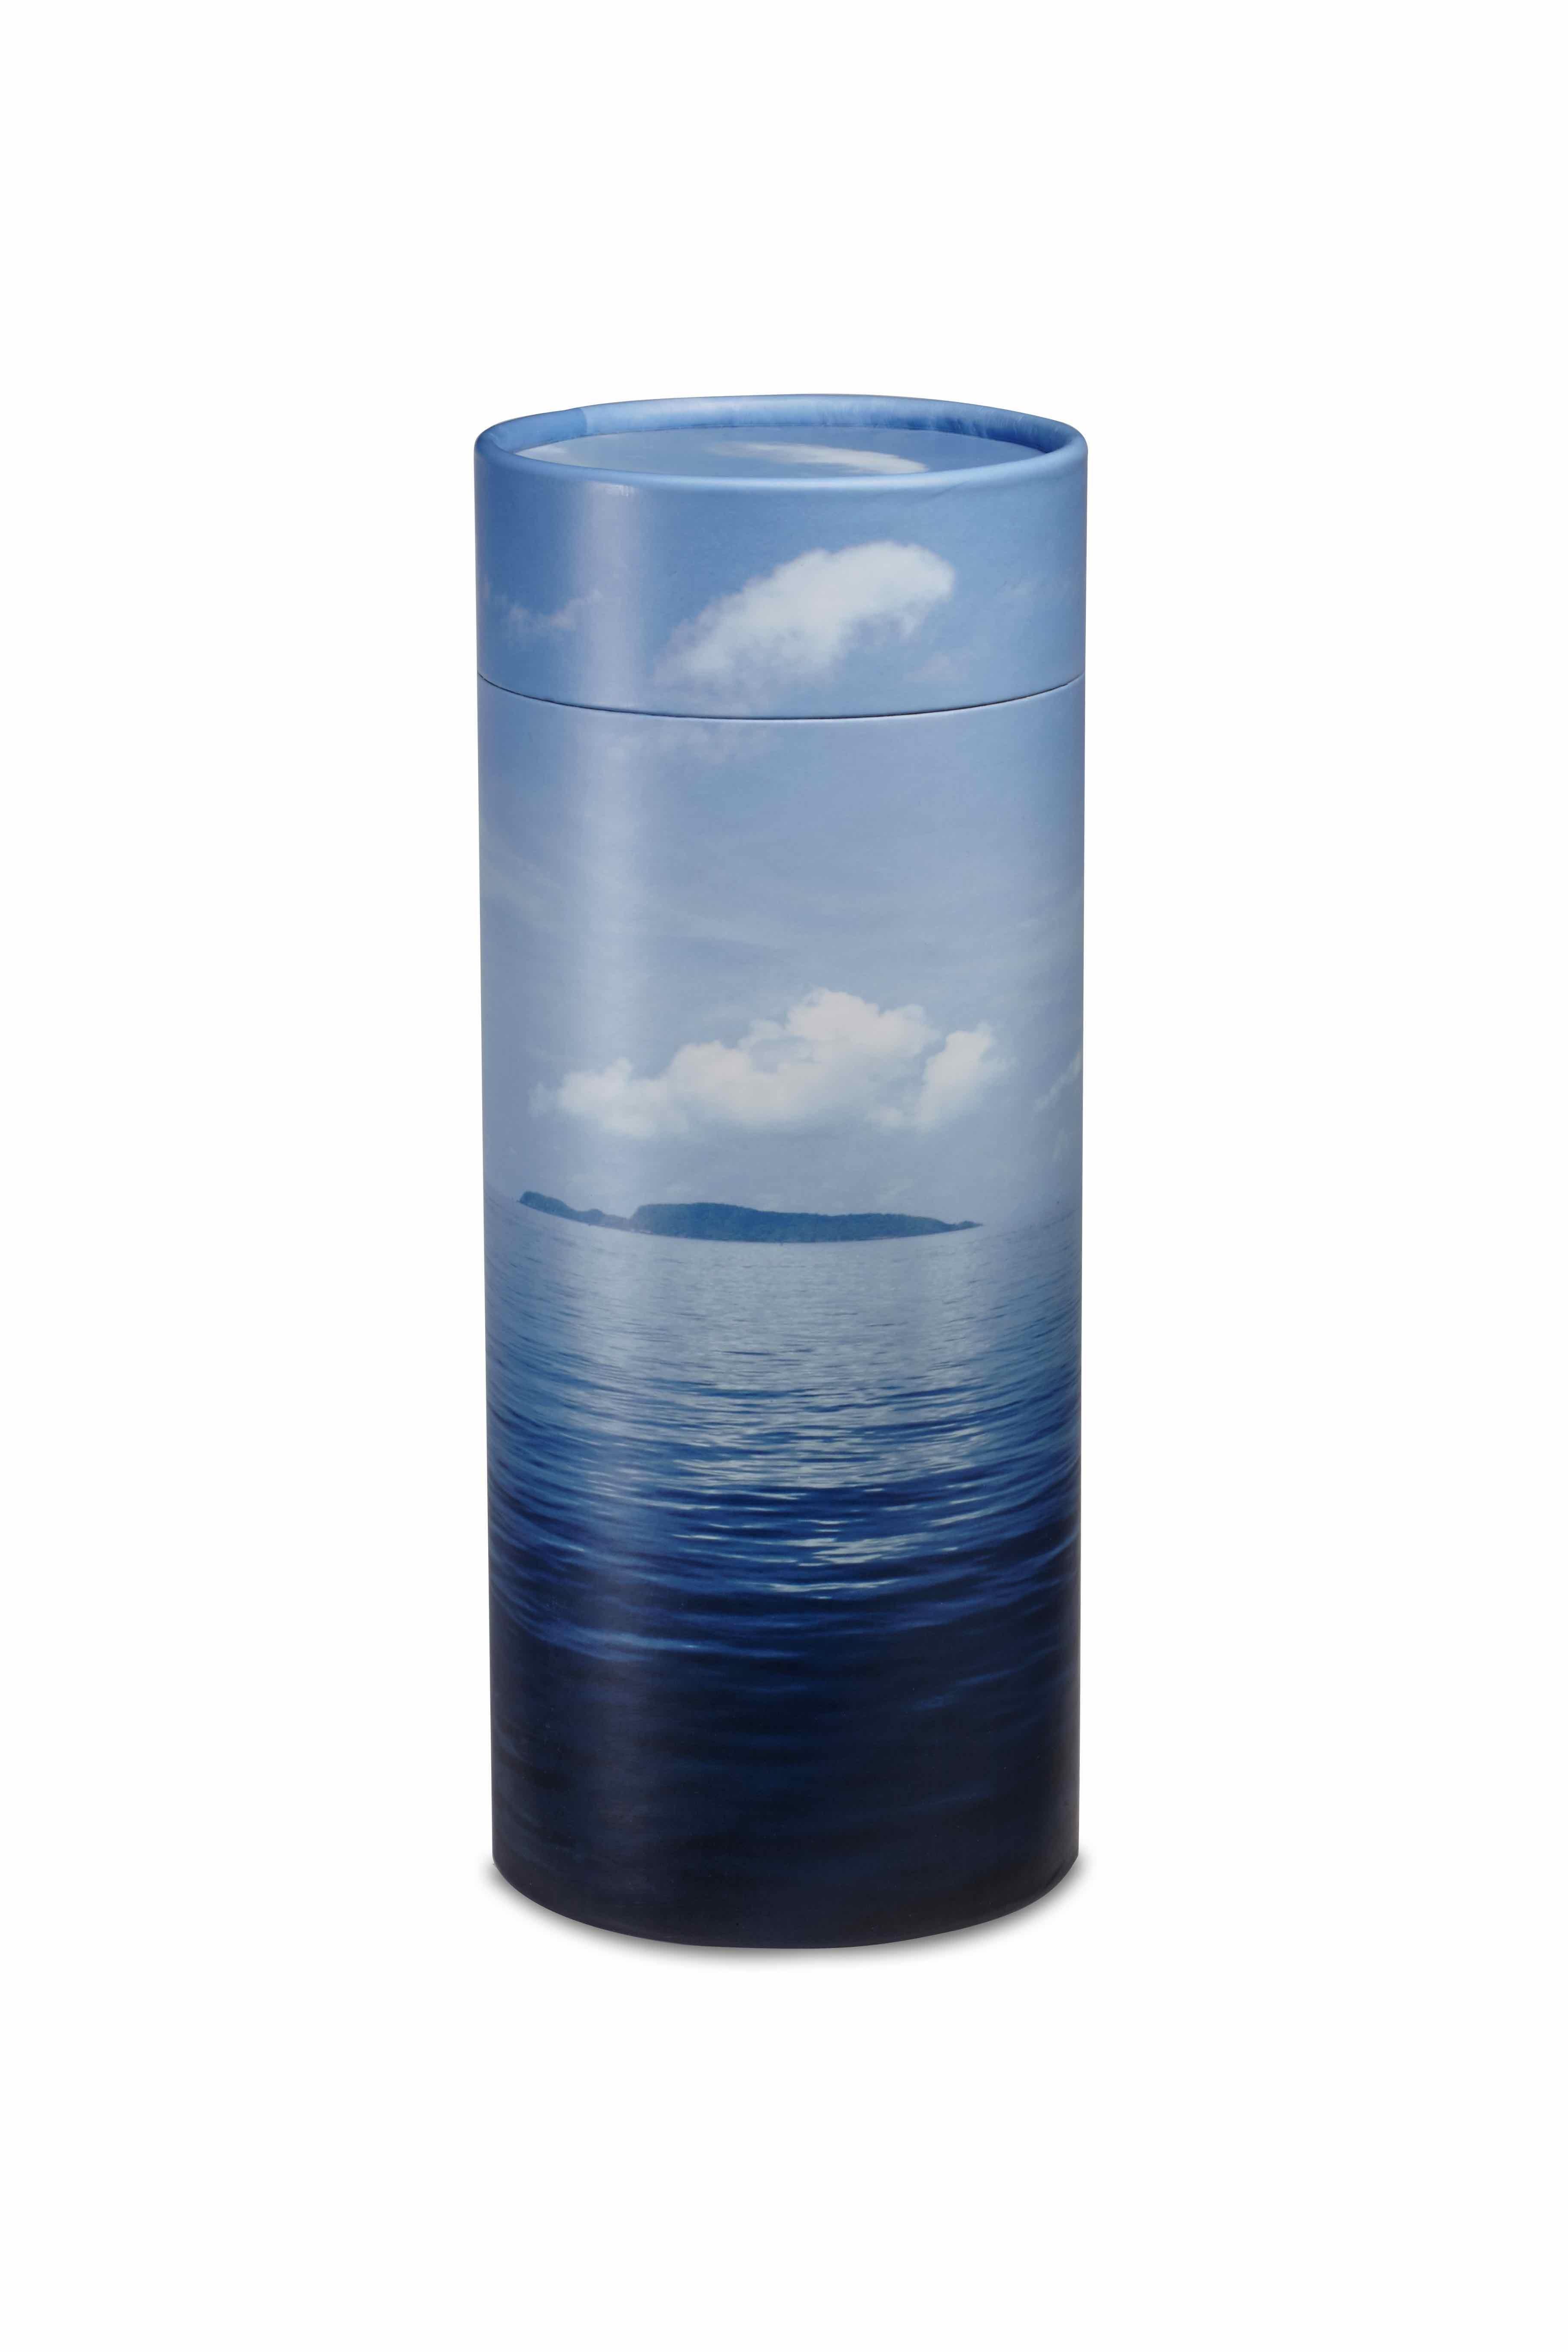 CARTON ZEPHYR Ocean